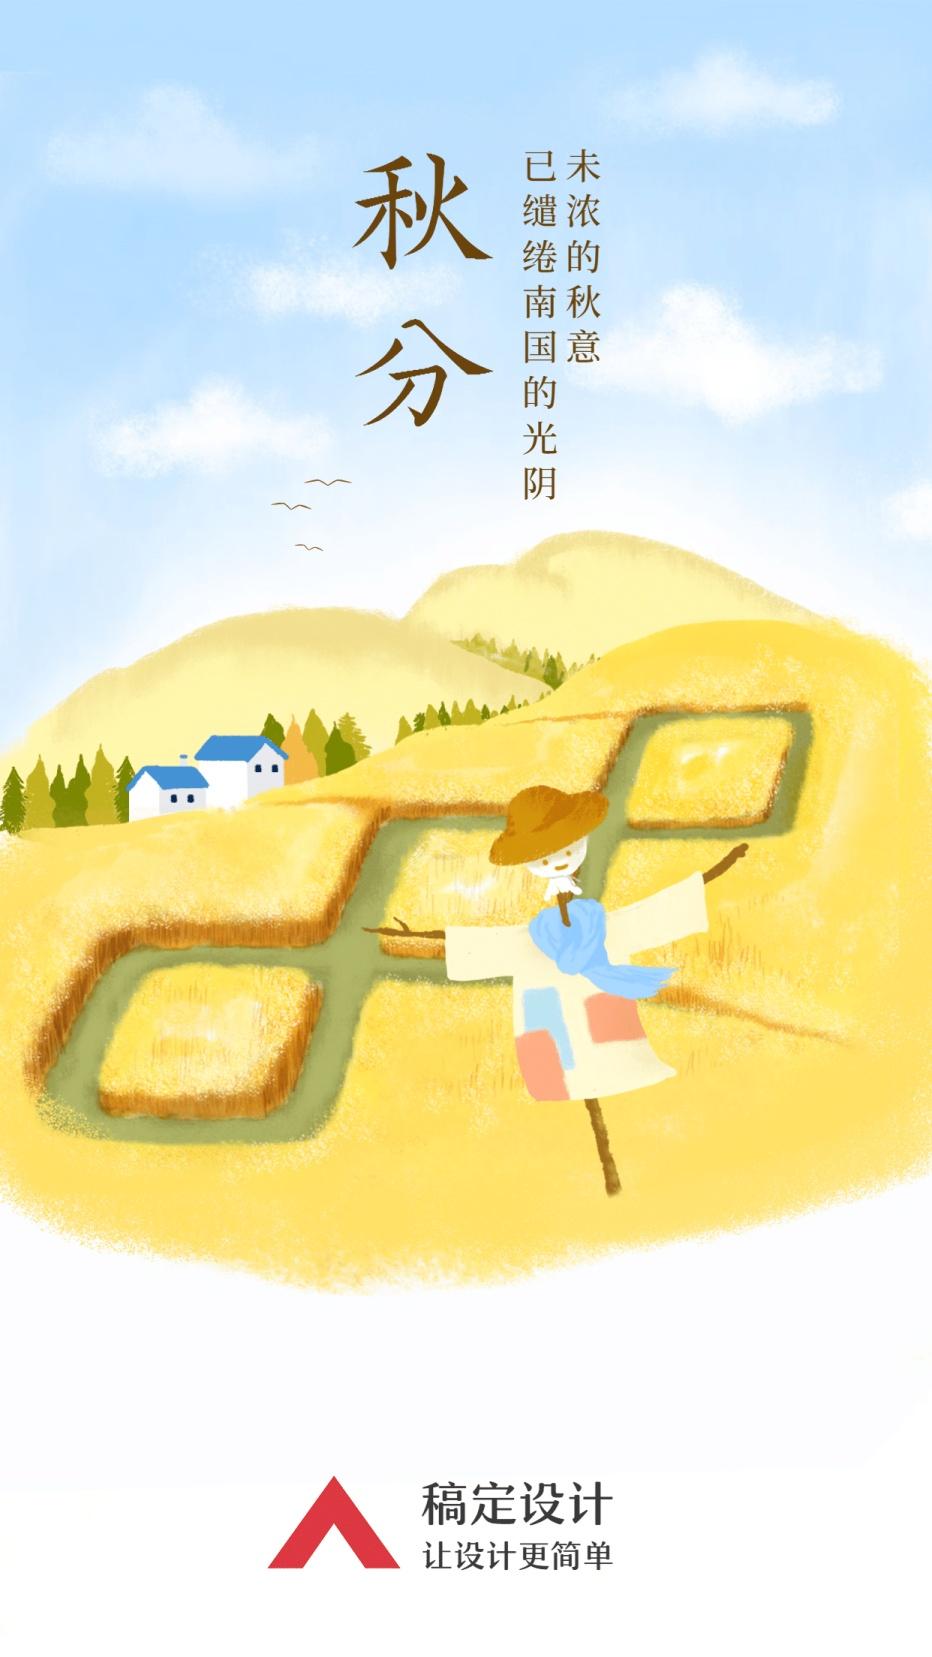 24节气/立秋未浓的秋意/插画/手机海报